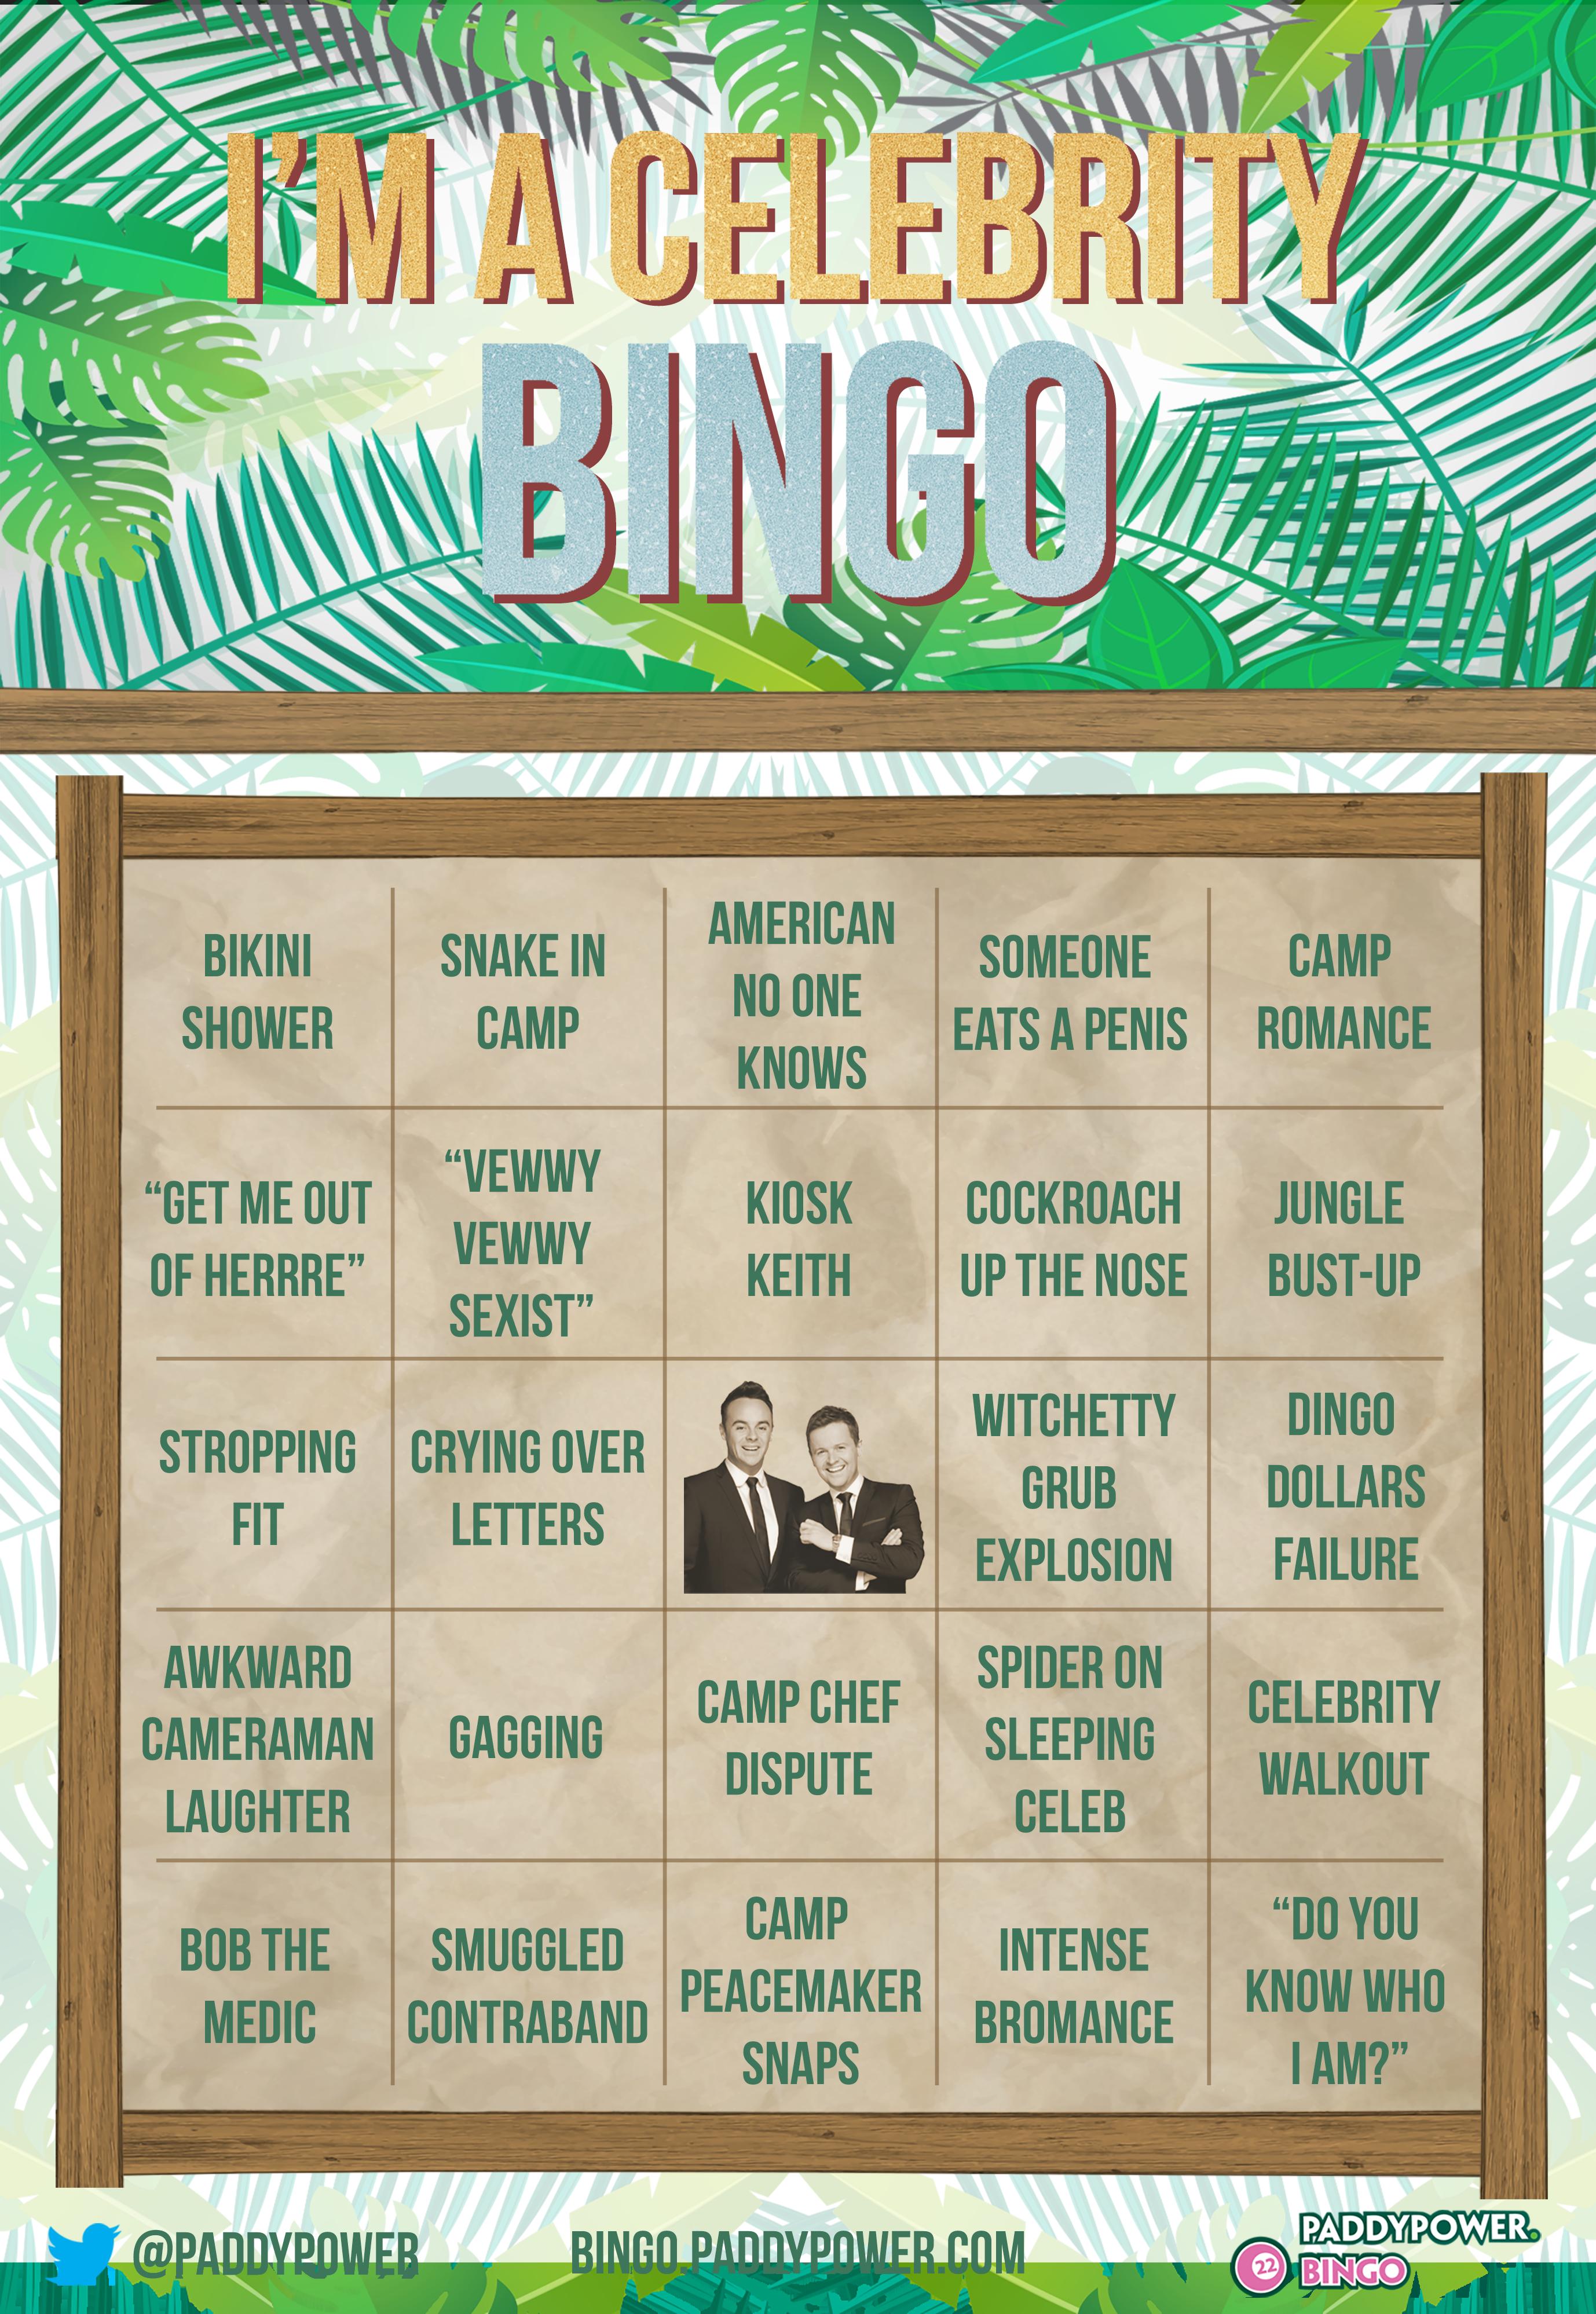 I'm A Celeb Bingo Card